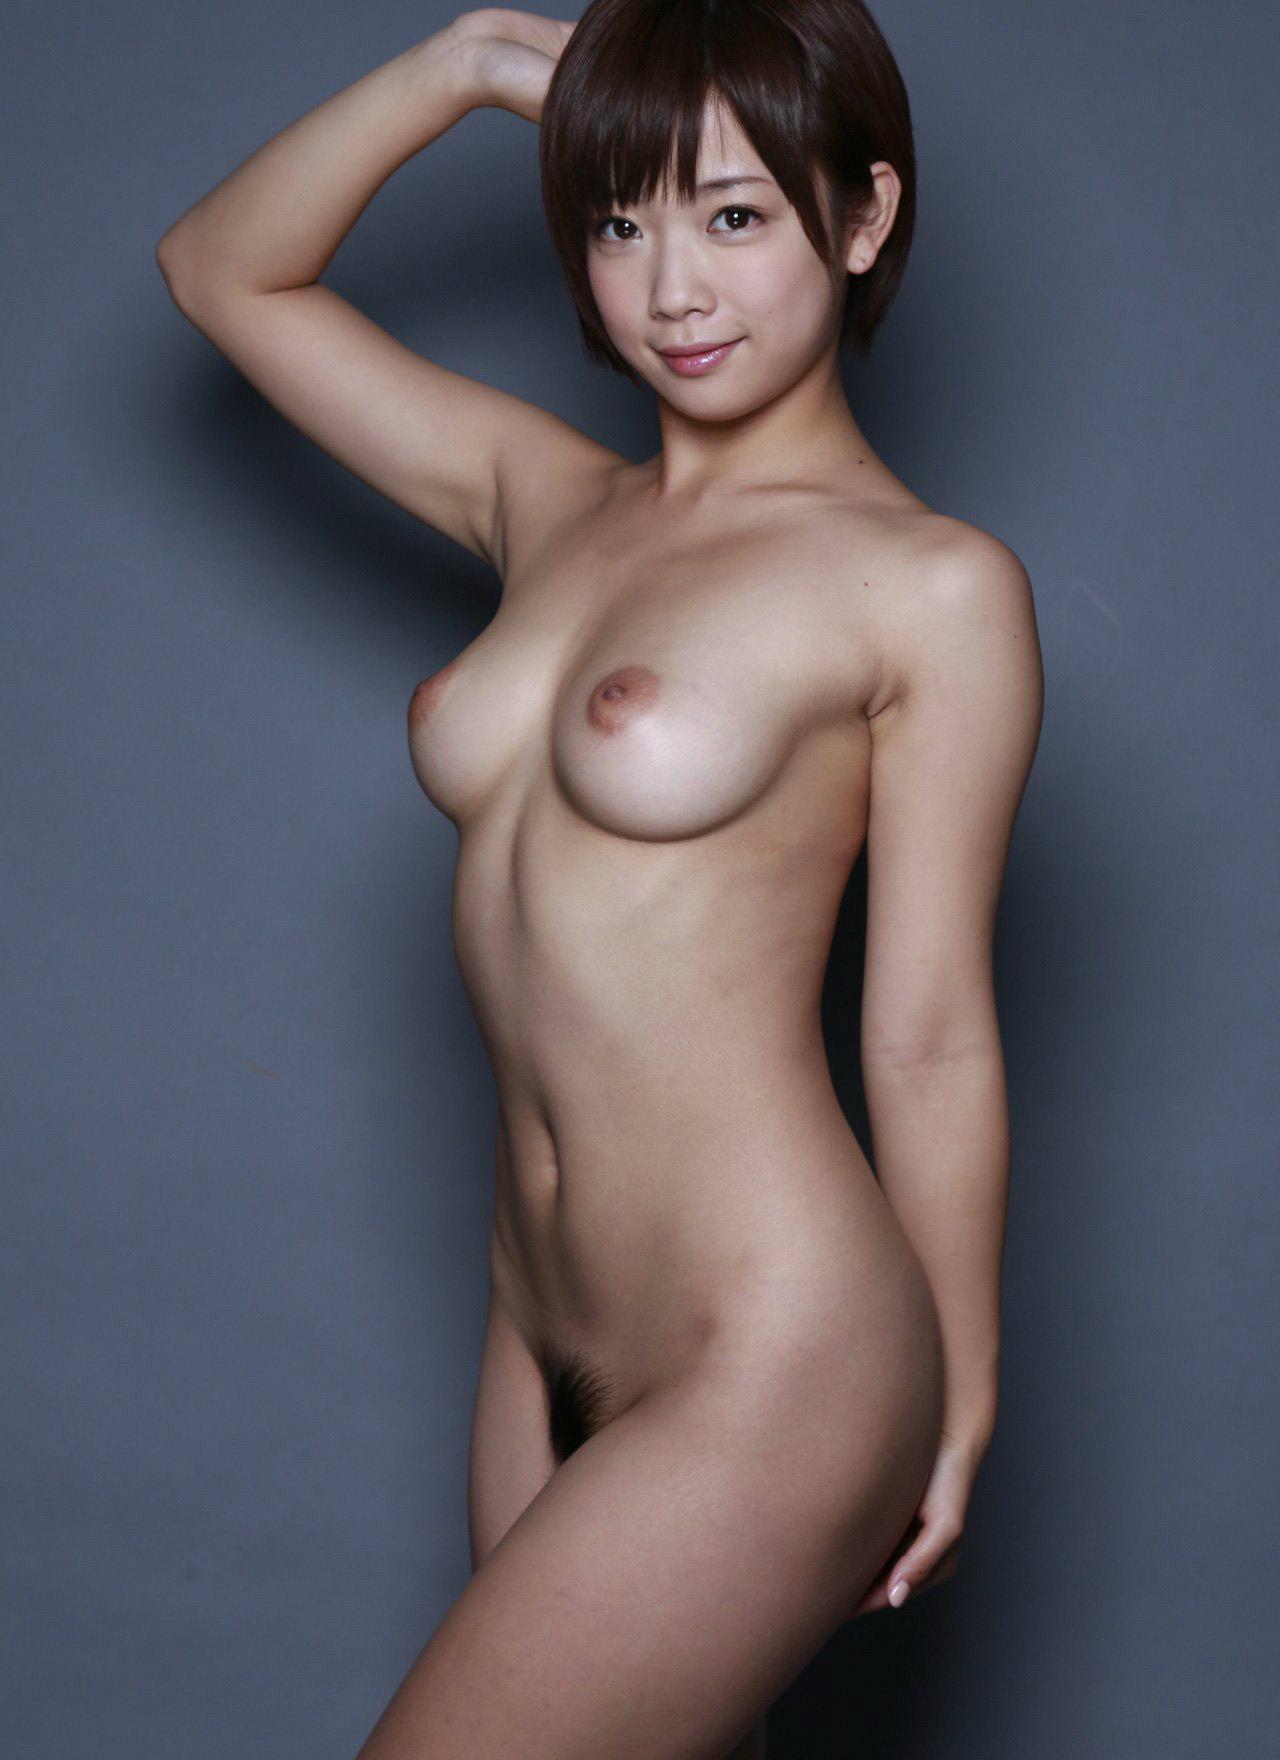 三次元 3次元 エロ画像 AV女優 紗倉まな ヌード べっぴん娘通信 056